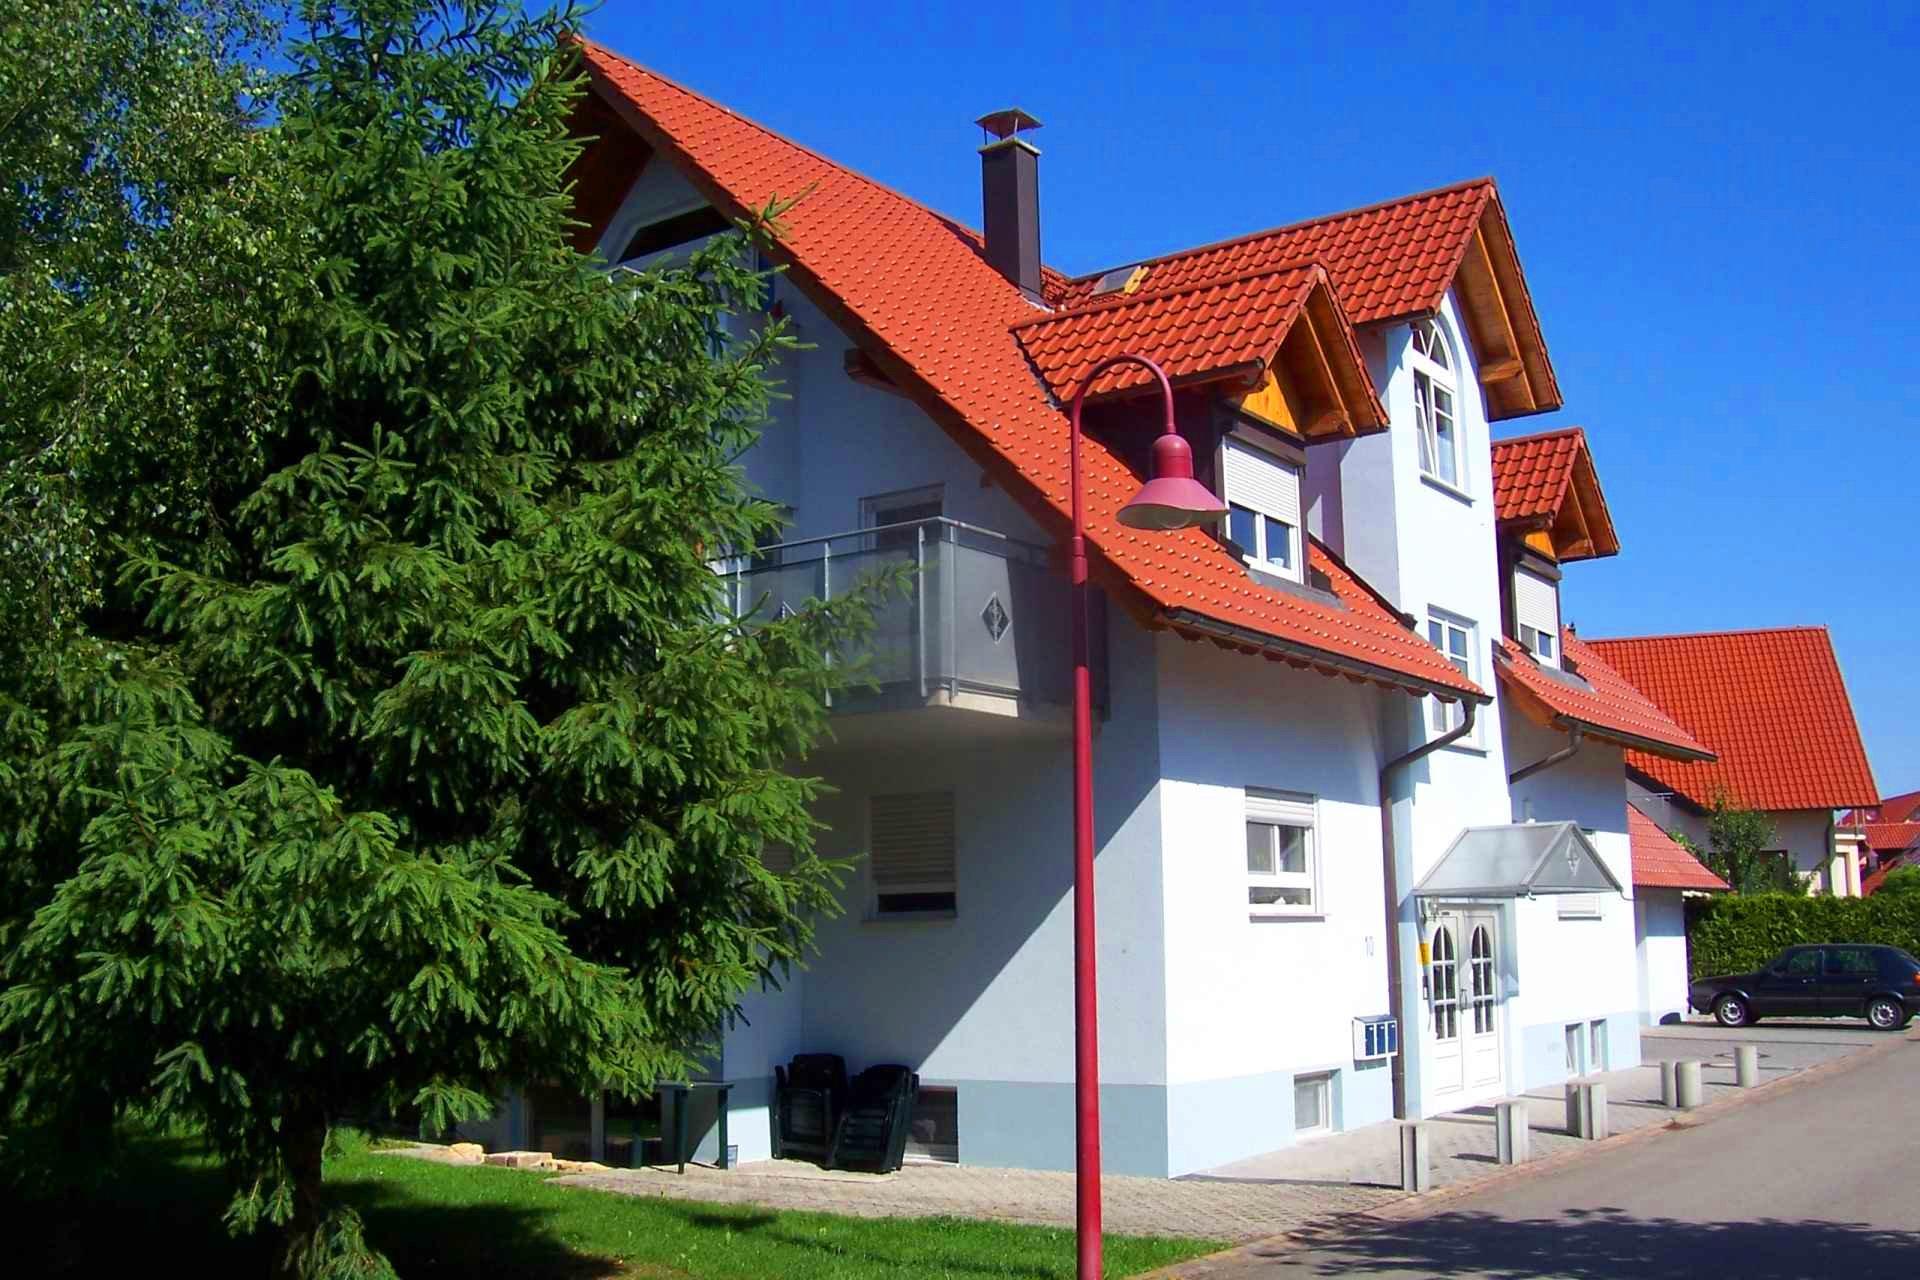 Ambiente Ferienwohnung | K&K Ferienwohnungen am Europa-Park Rust (Urlaubsregion Europa-Park)